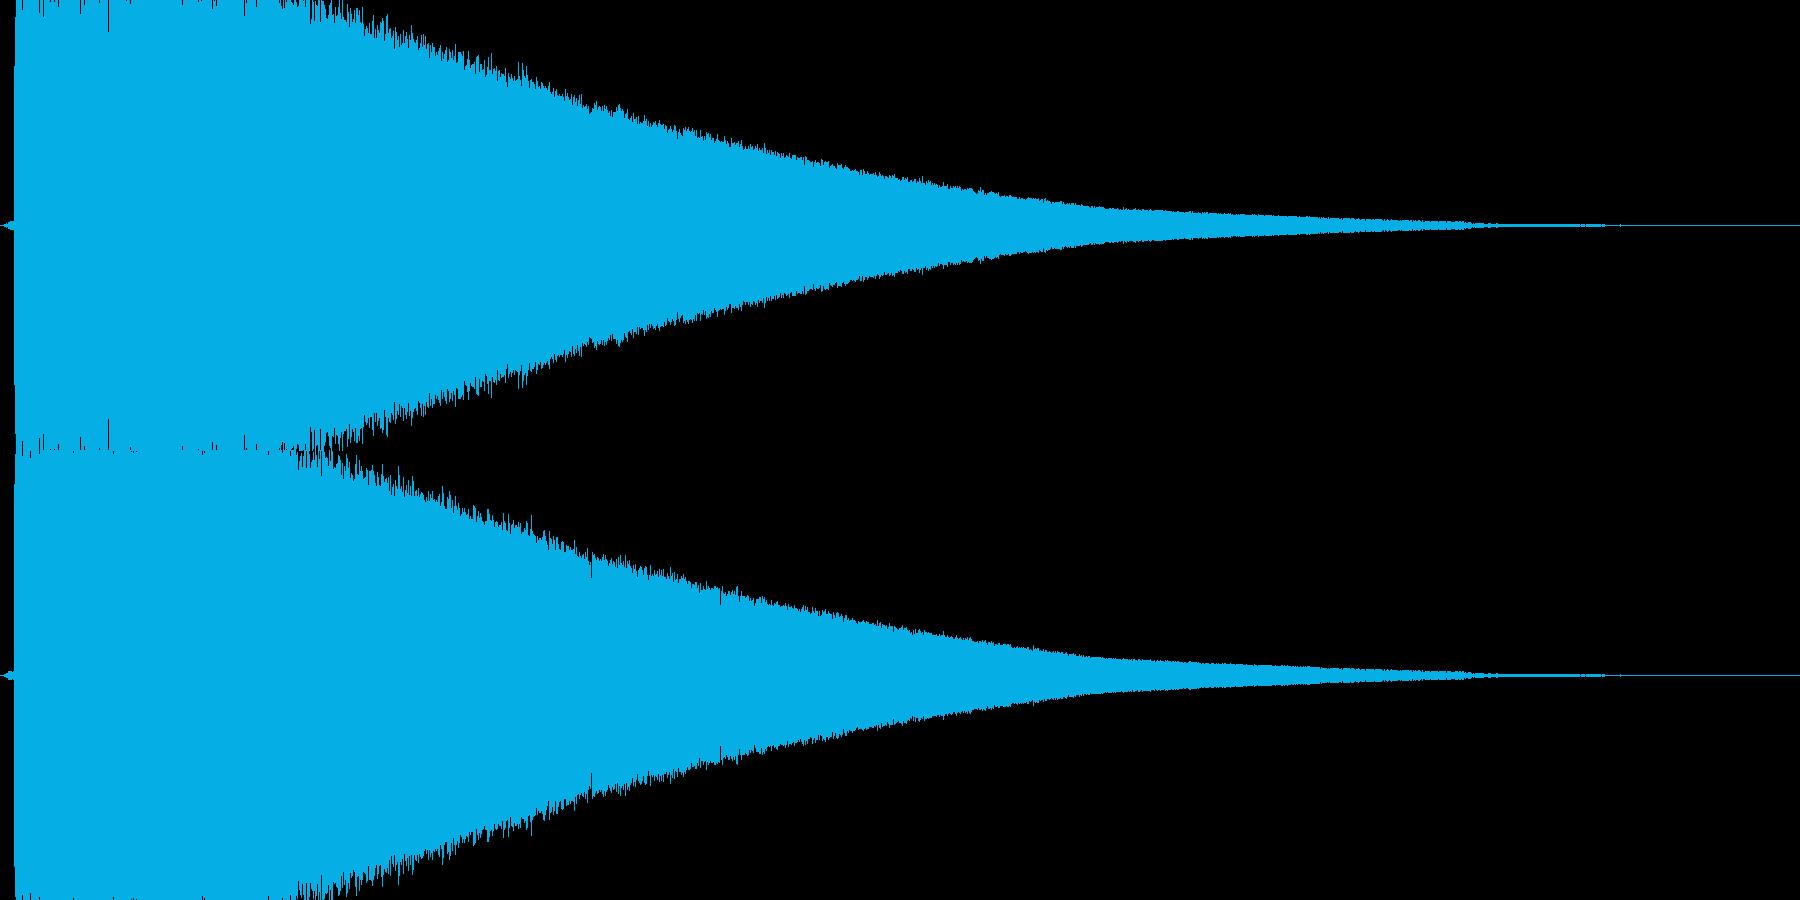 「ドシャーン」衝撃波、粉砕の再生済みの波形